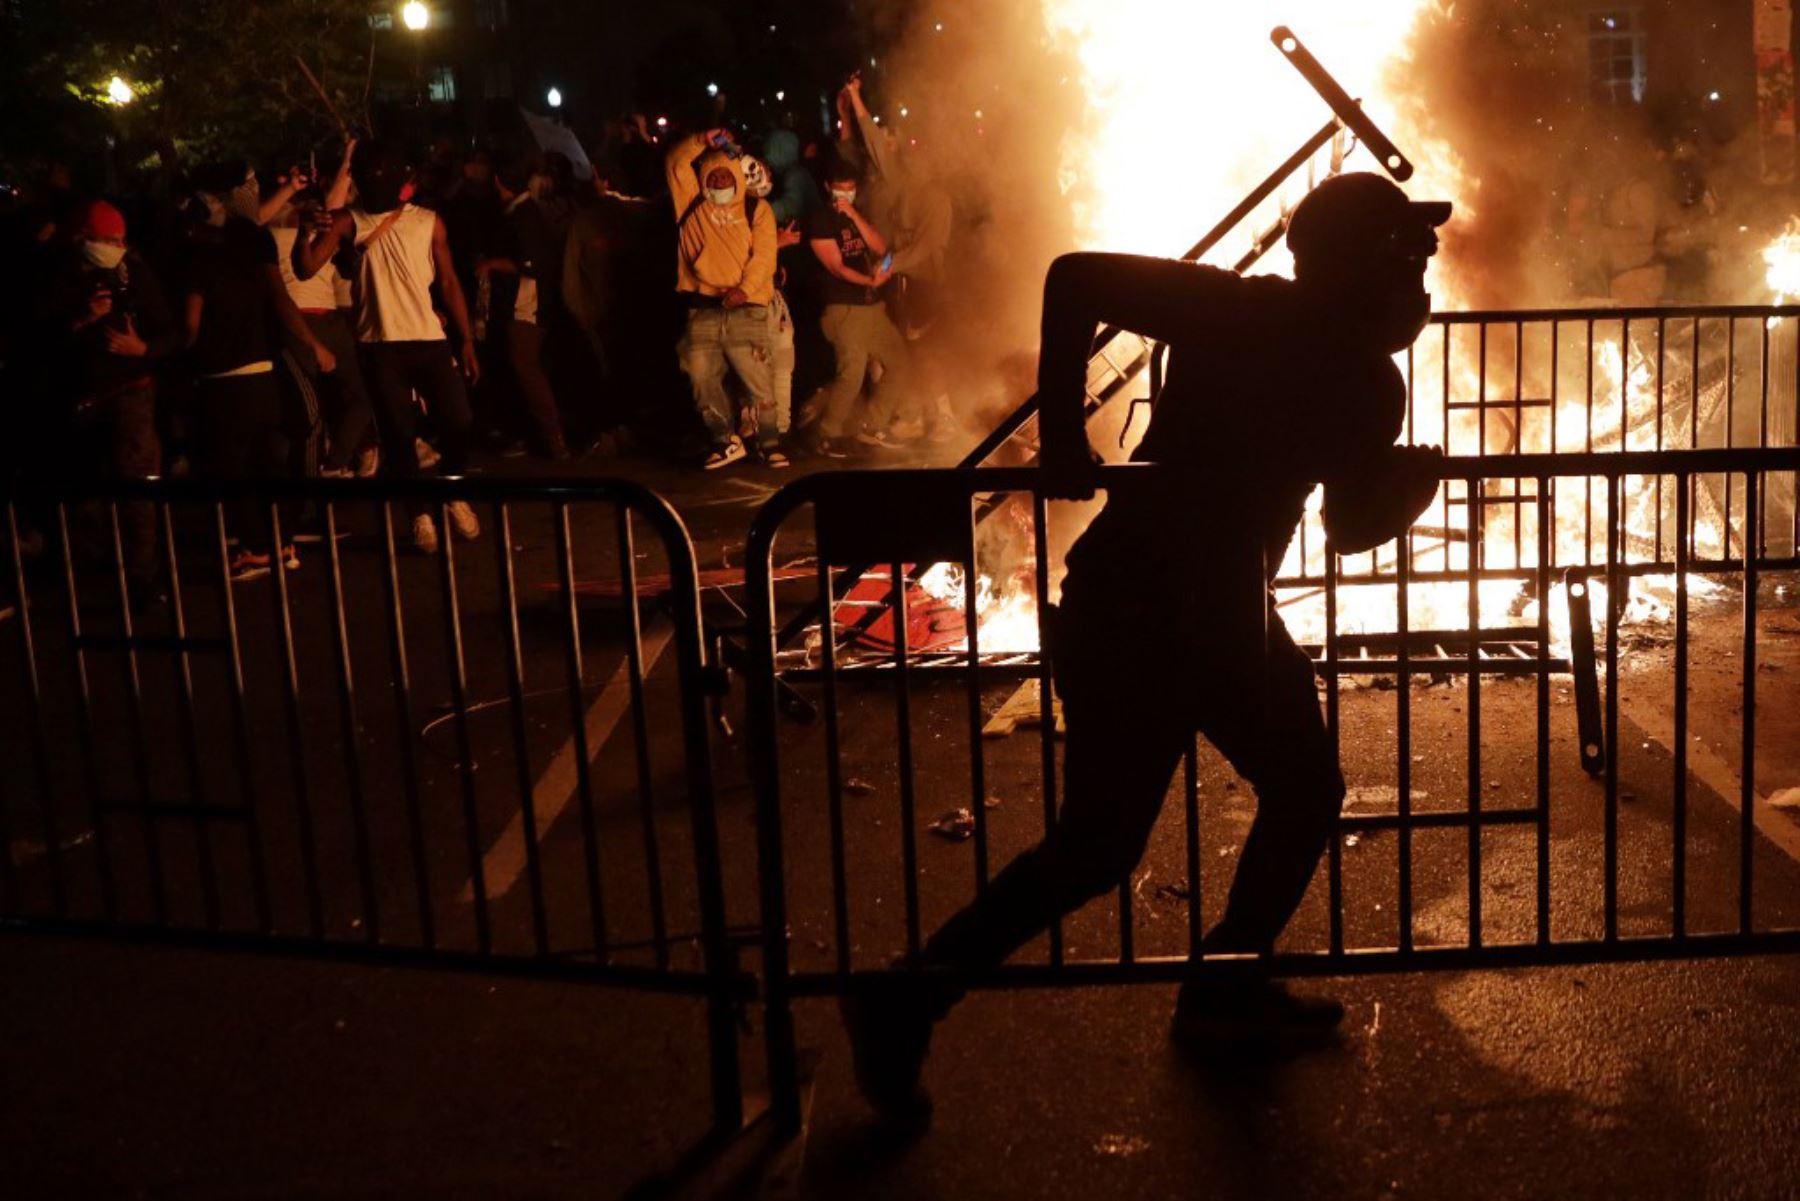 Manifestantes protestan cerca de la Casa Blanca en respuesta al asesinato de George Floyd en Washington. Foto: AFP